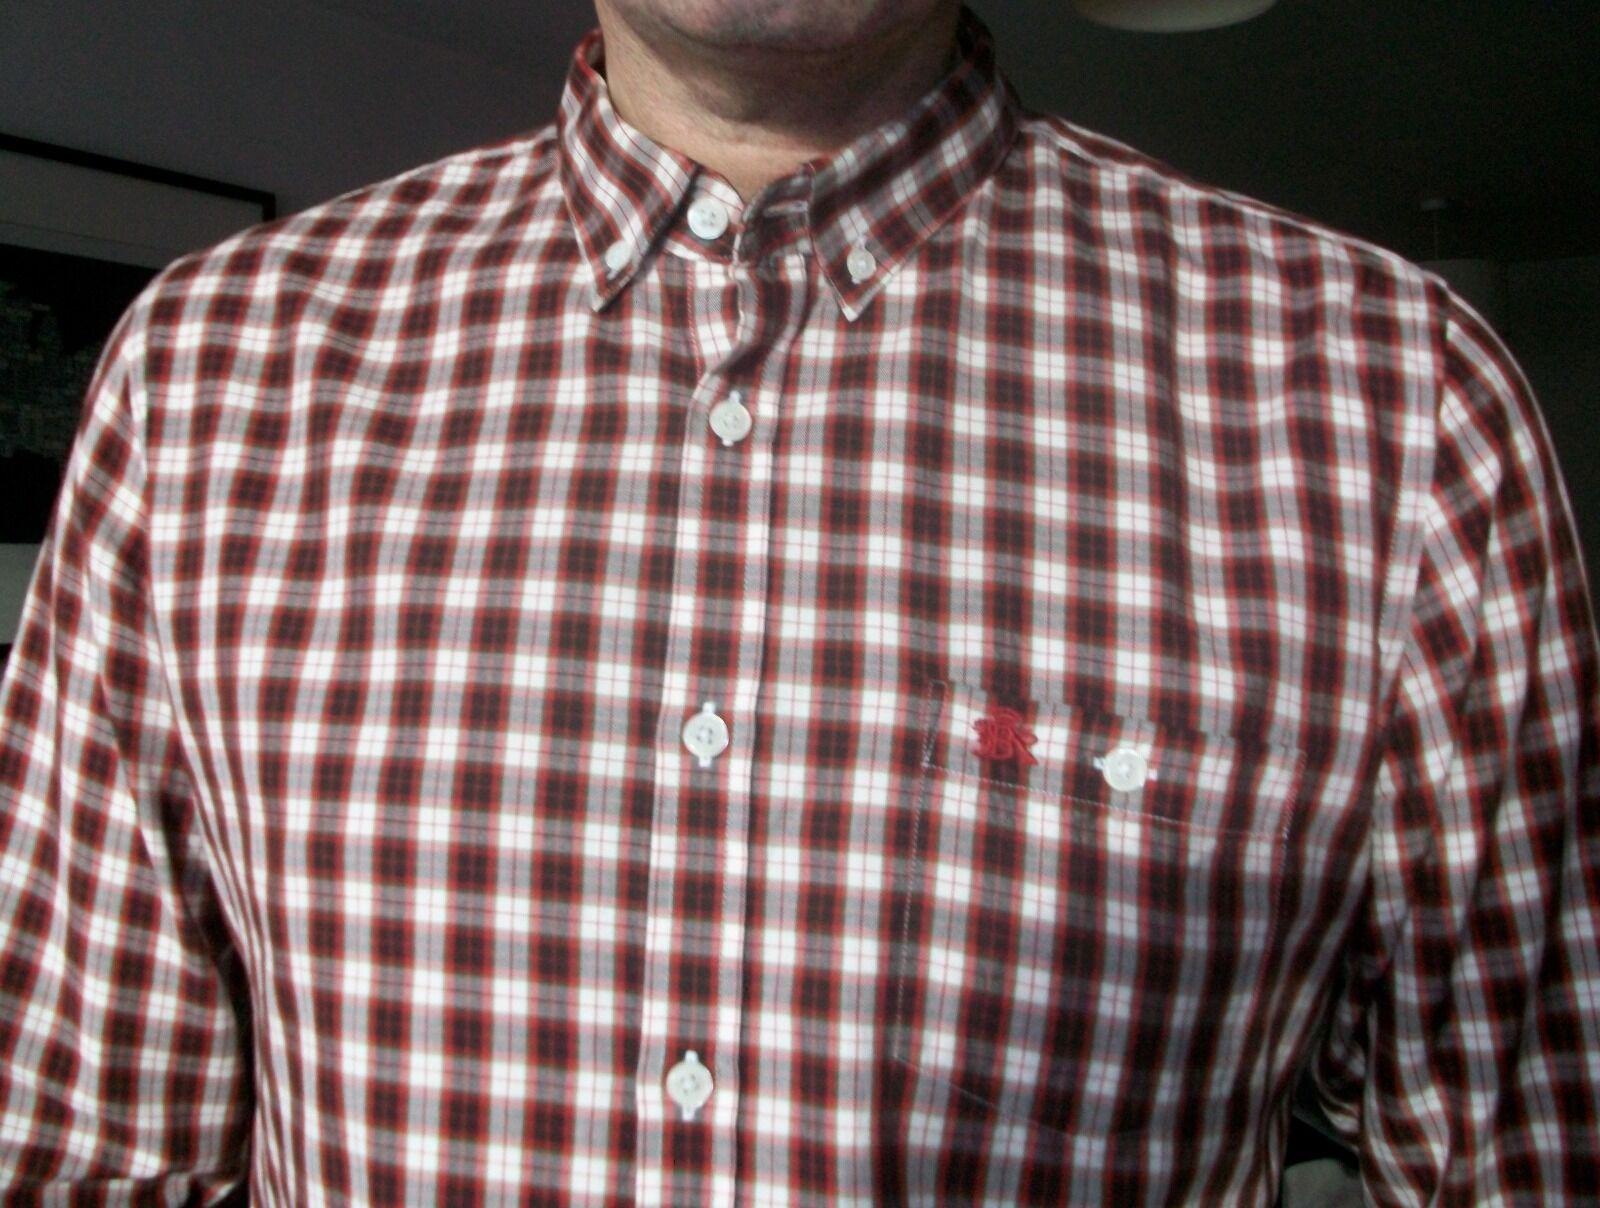 Uomo BARACUTA mod style Check rosso cotone spazzolato L S Camicia BUTTON DOWN. Taglia L